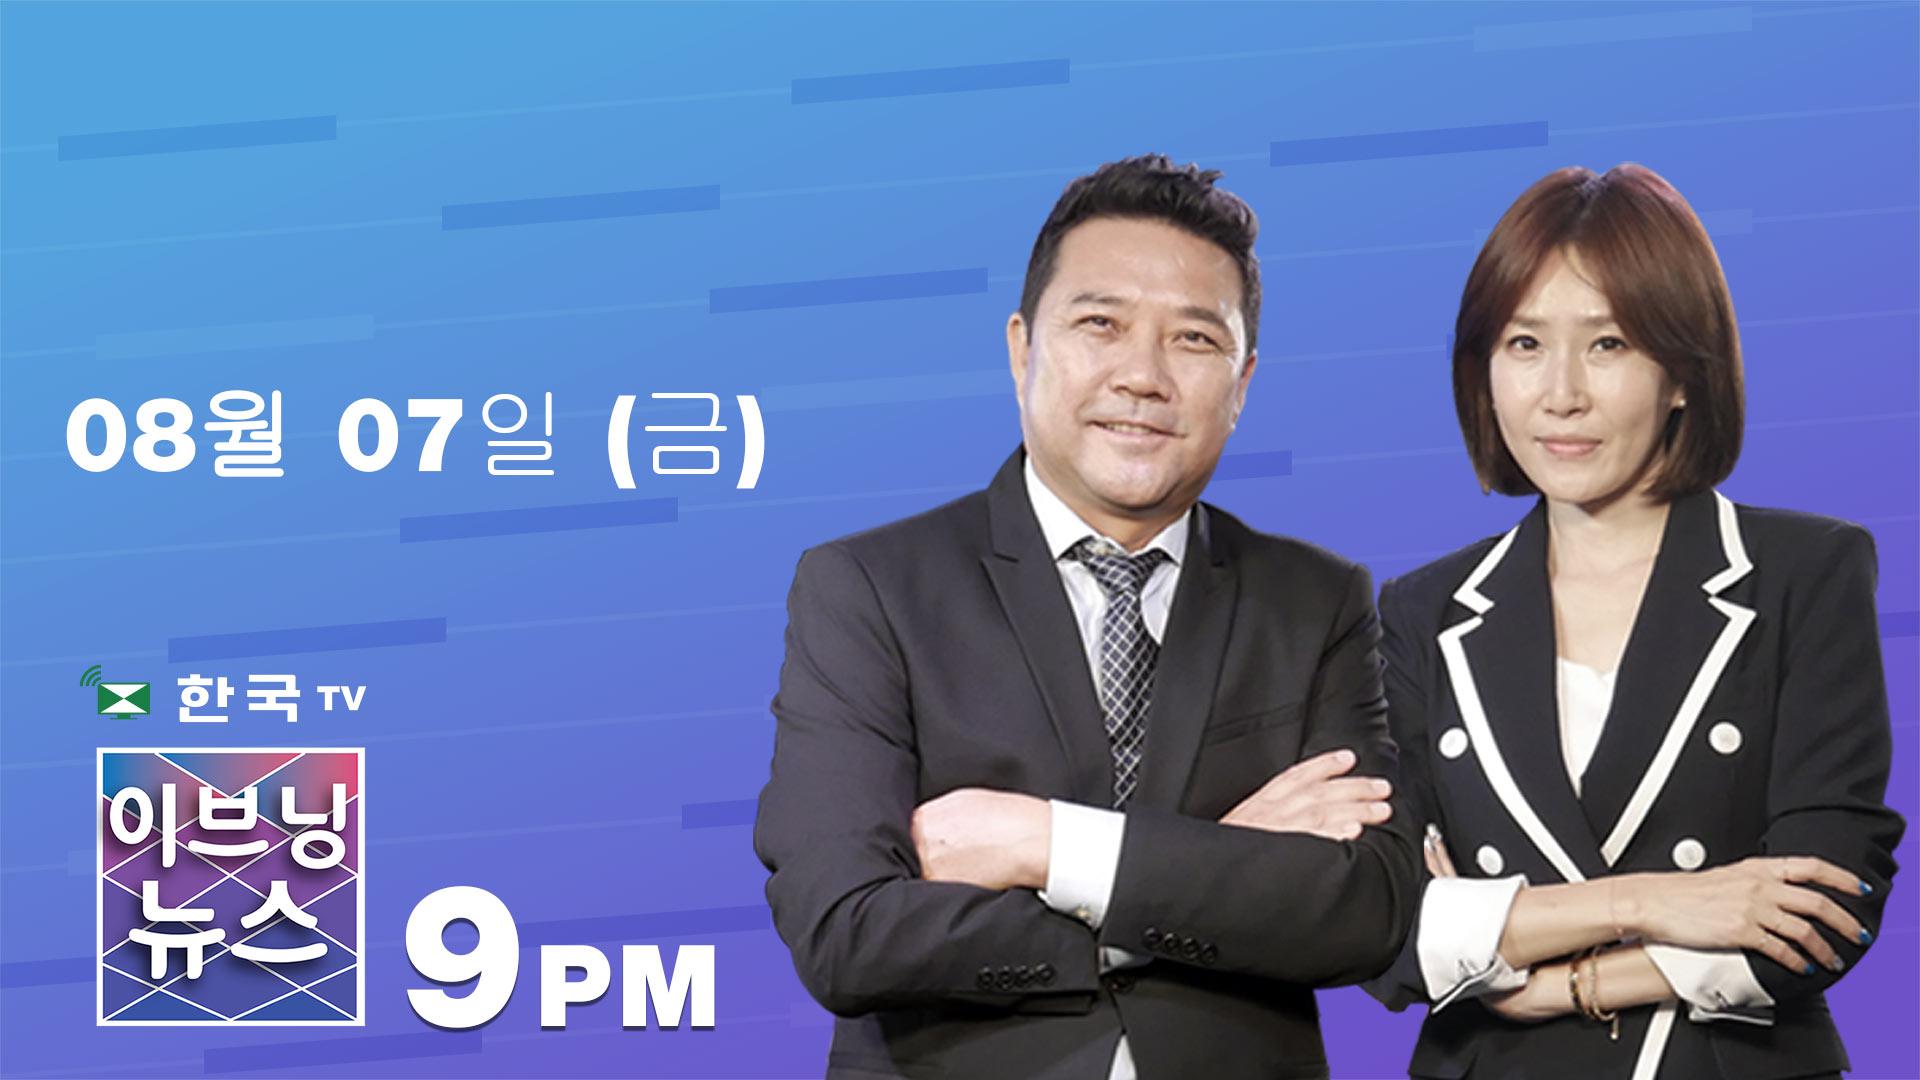 (08.07.2020) 한국TV 이브닝 뉴스